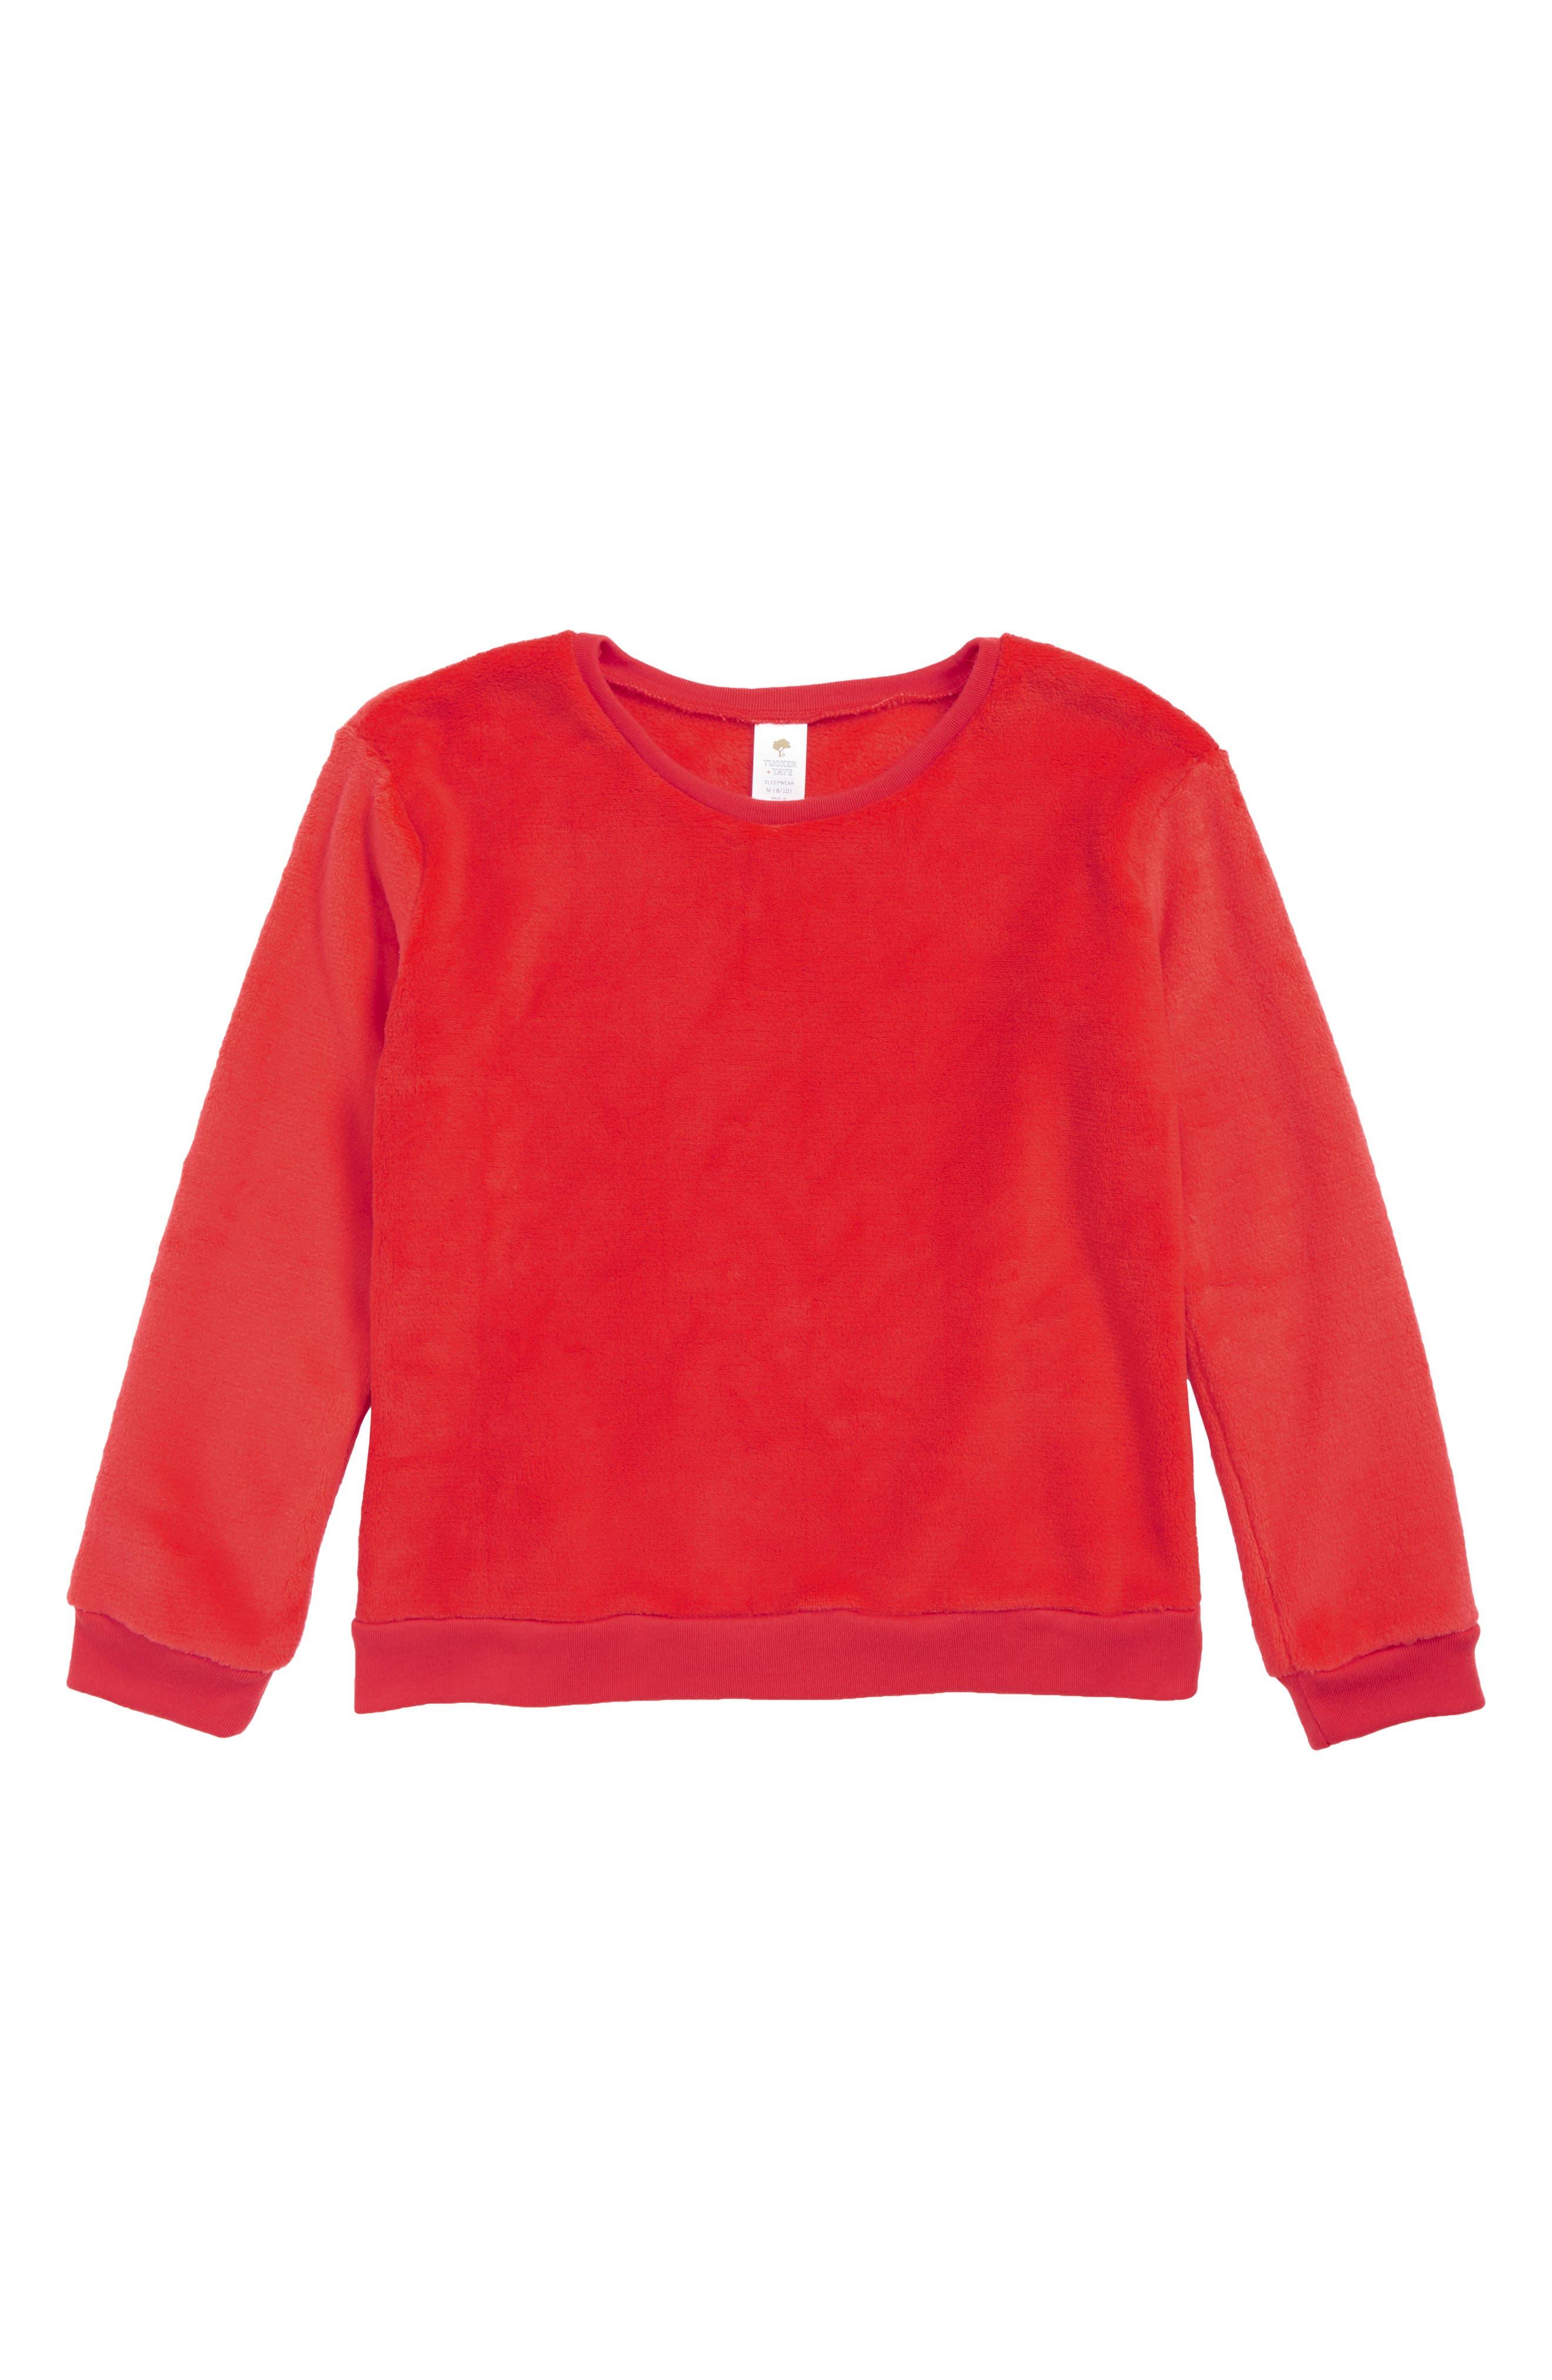 TUCKER + TATE Fleece Sleep Tee, Main, color, RED BLOOM